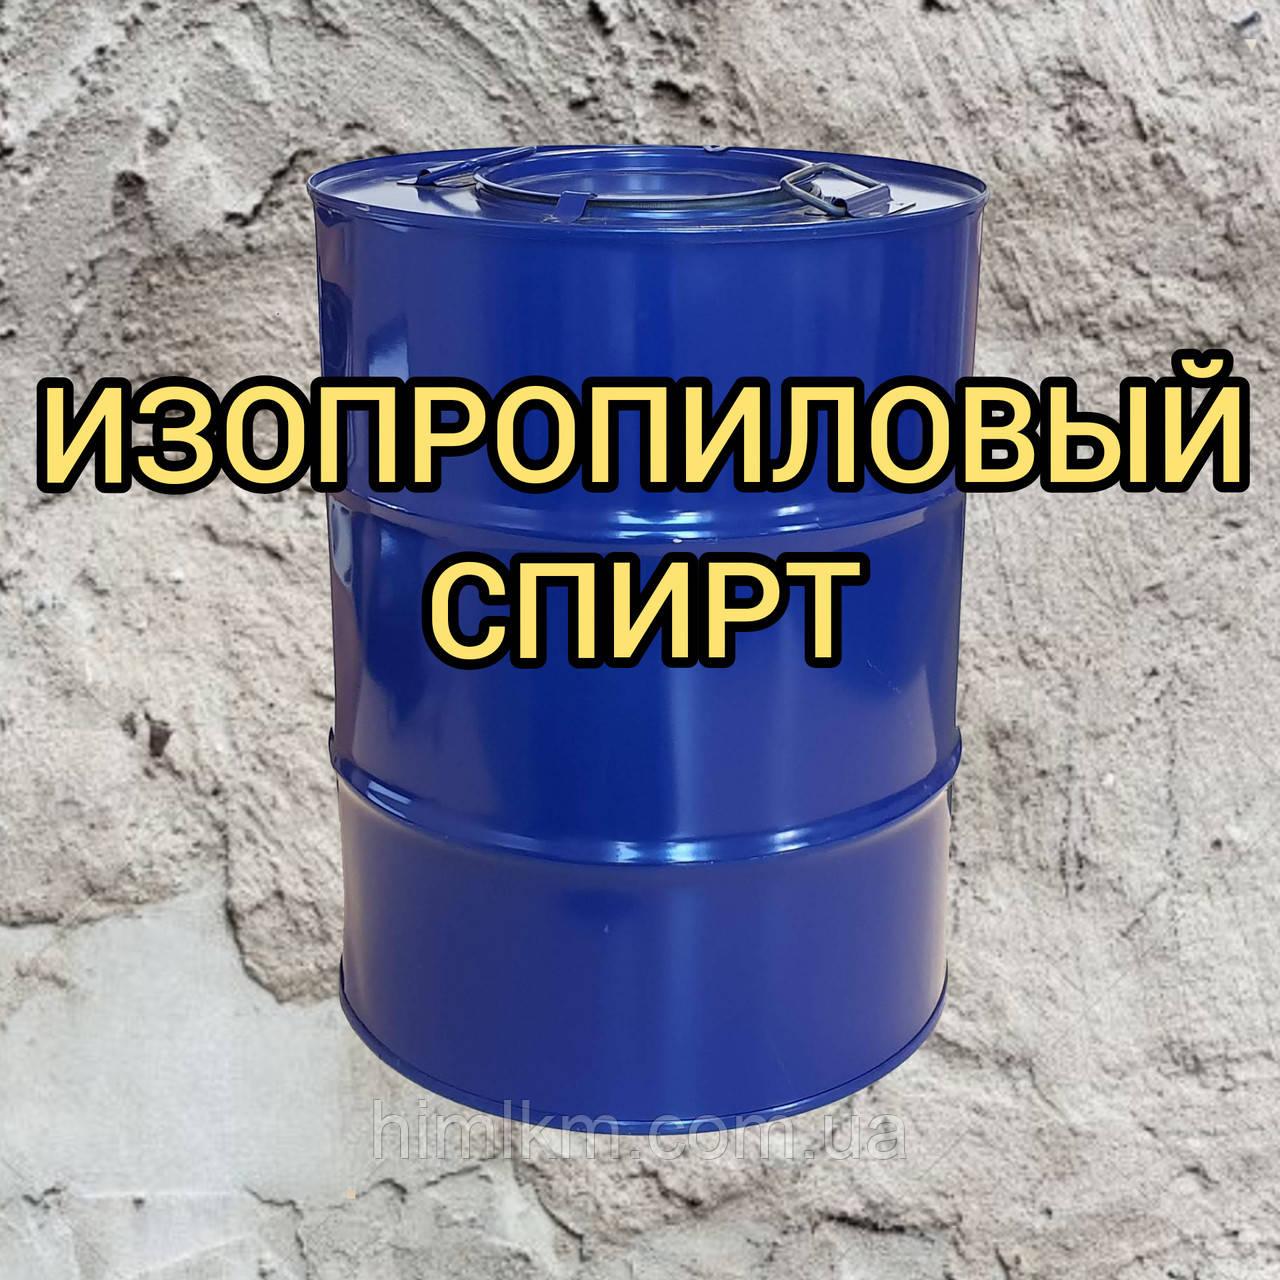 Изопропиловый спирт Изопропанол, 2 пропанол